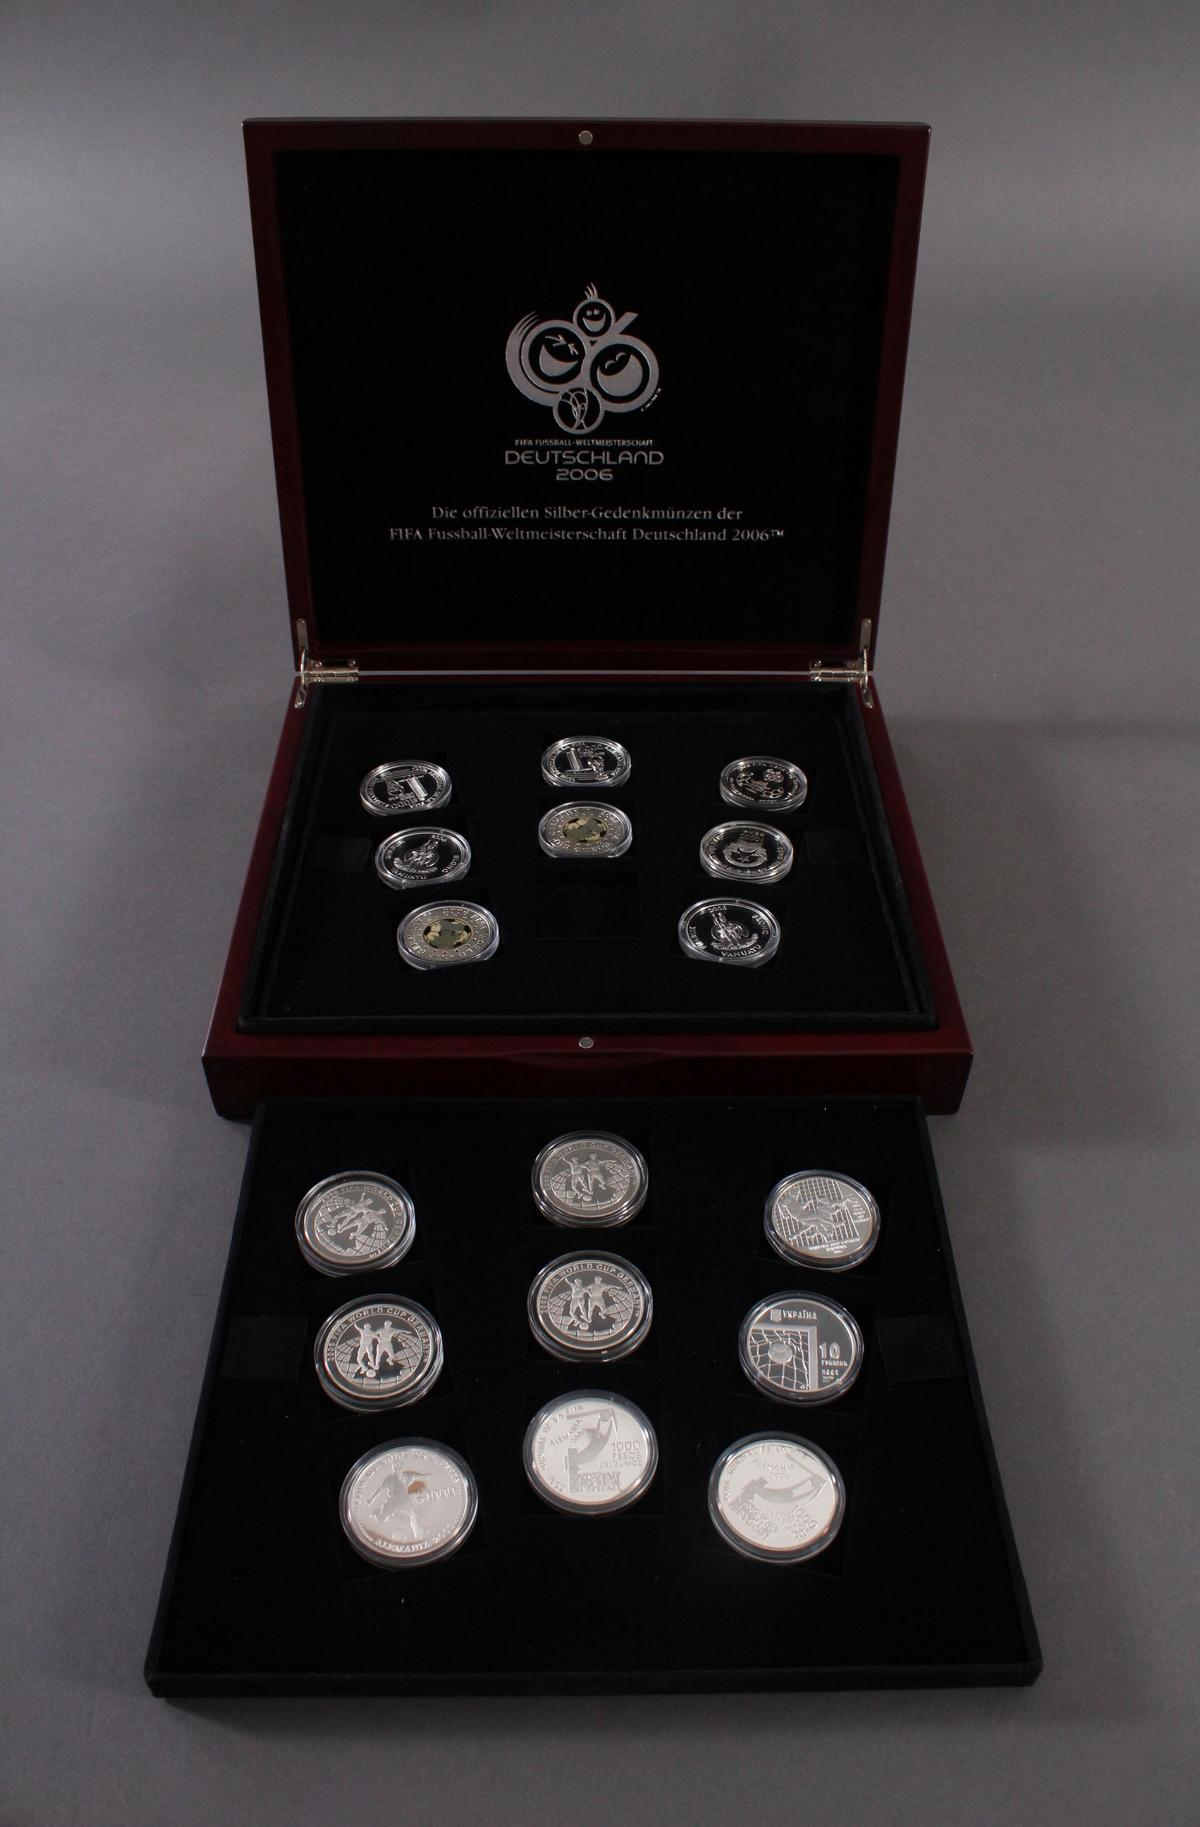 Die offiziellen Silber-Gedenkmünzen der Fifa Fußballweltmeisterschaft Deutschland 2006